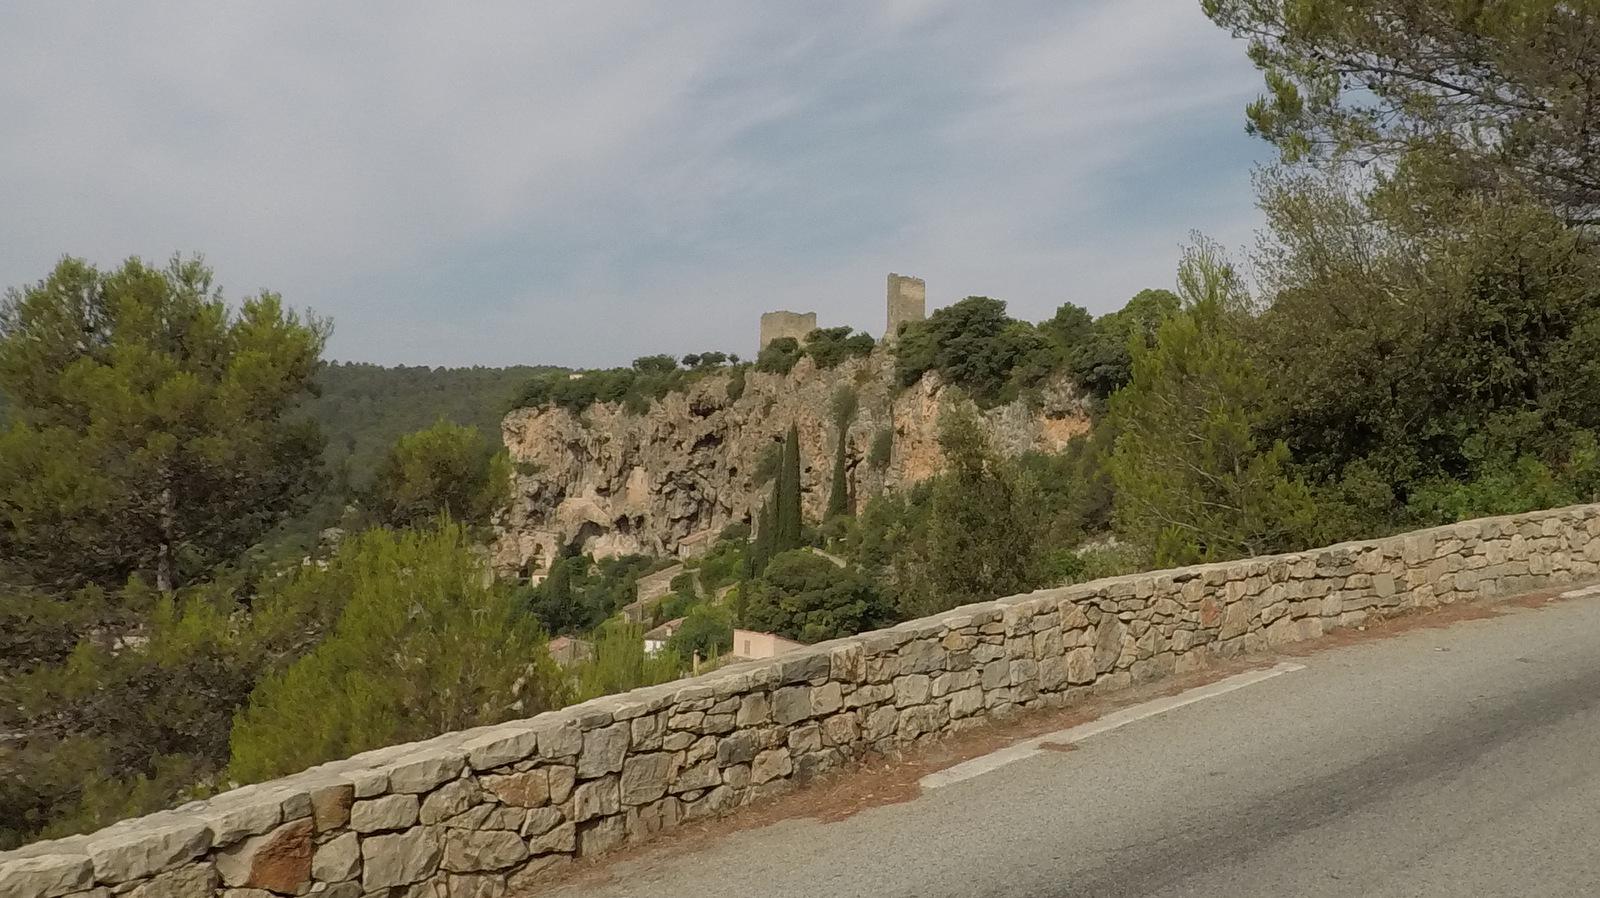 le rocher de Cotignac et ses tours